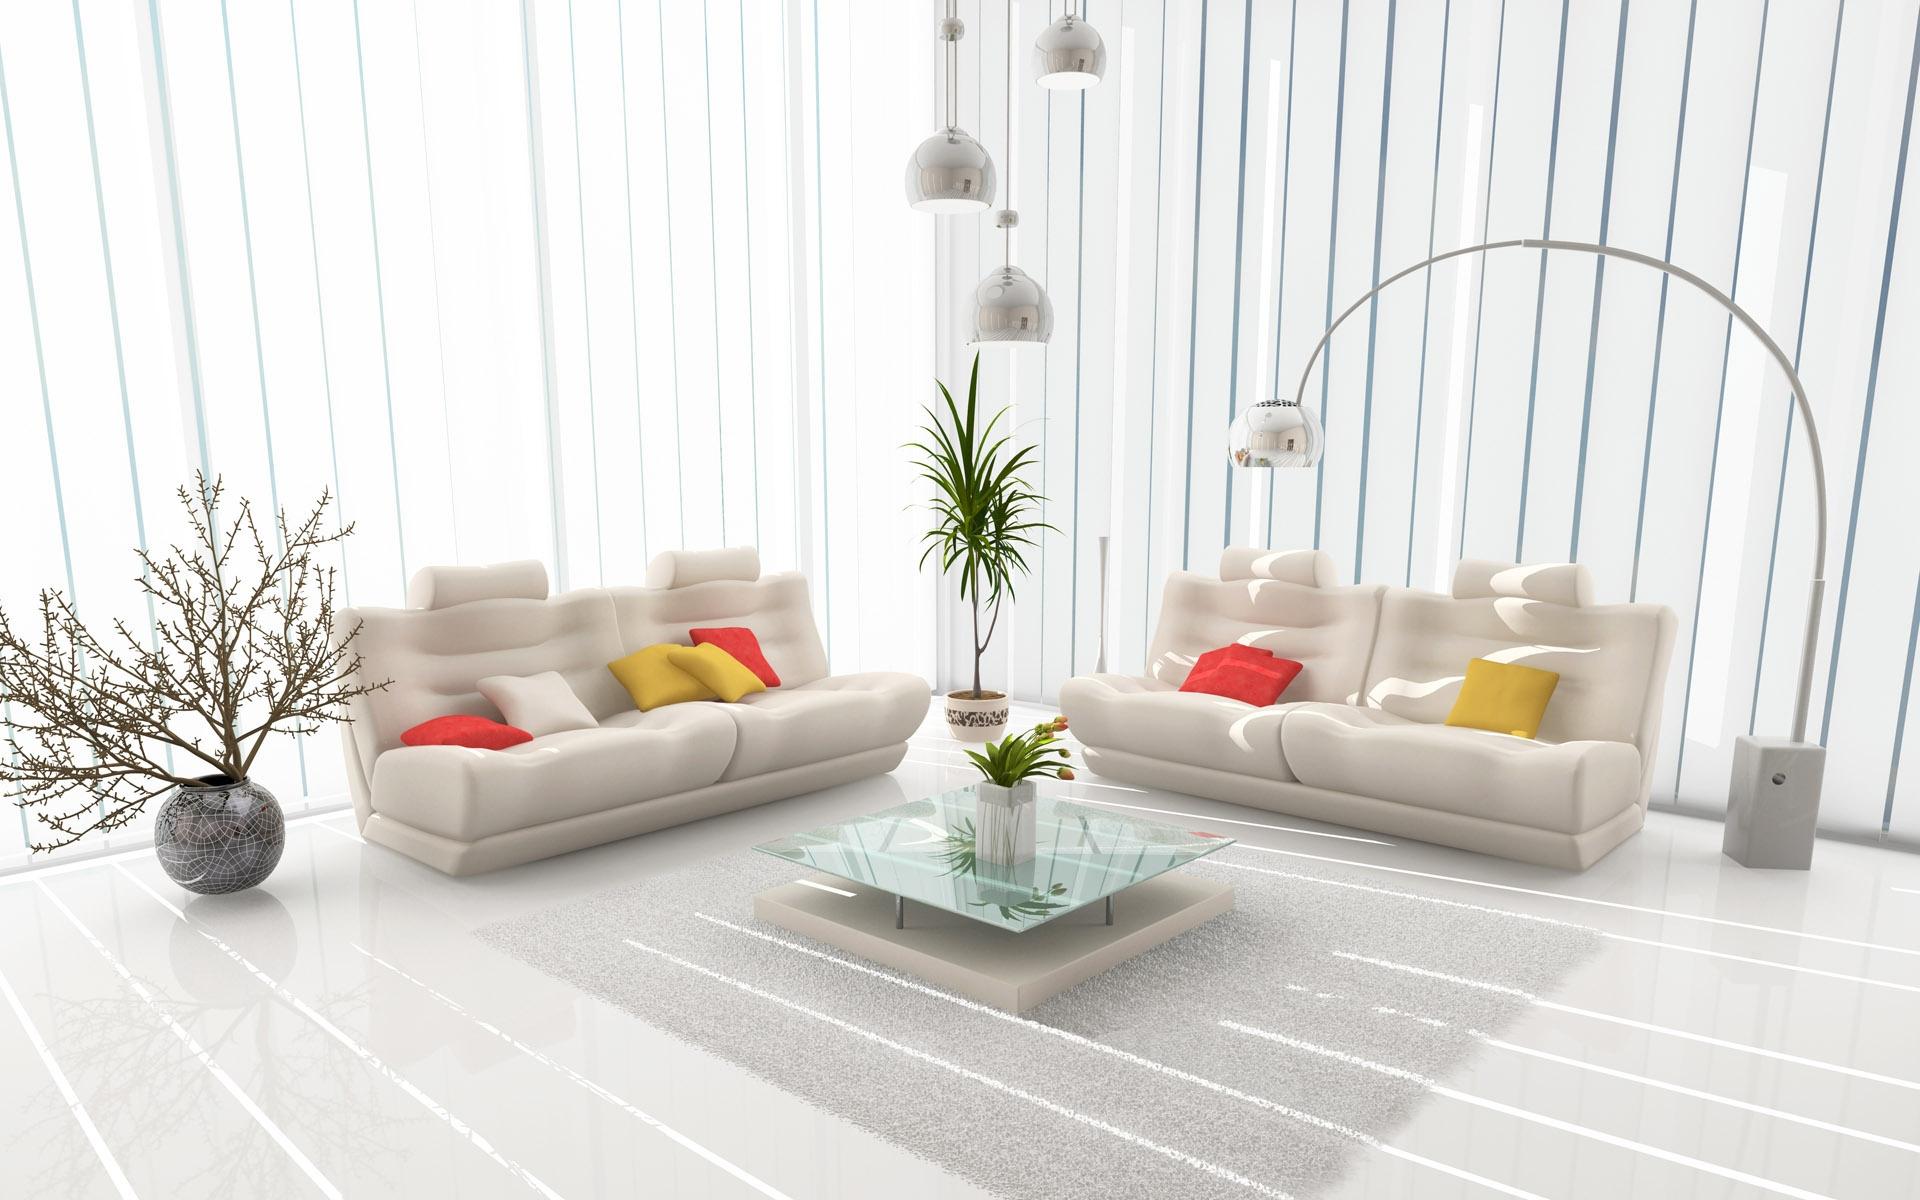 Сочетание цветов в интерьере: какую палитру выбрать для создания уютной атмосферы в доме